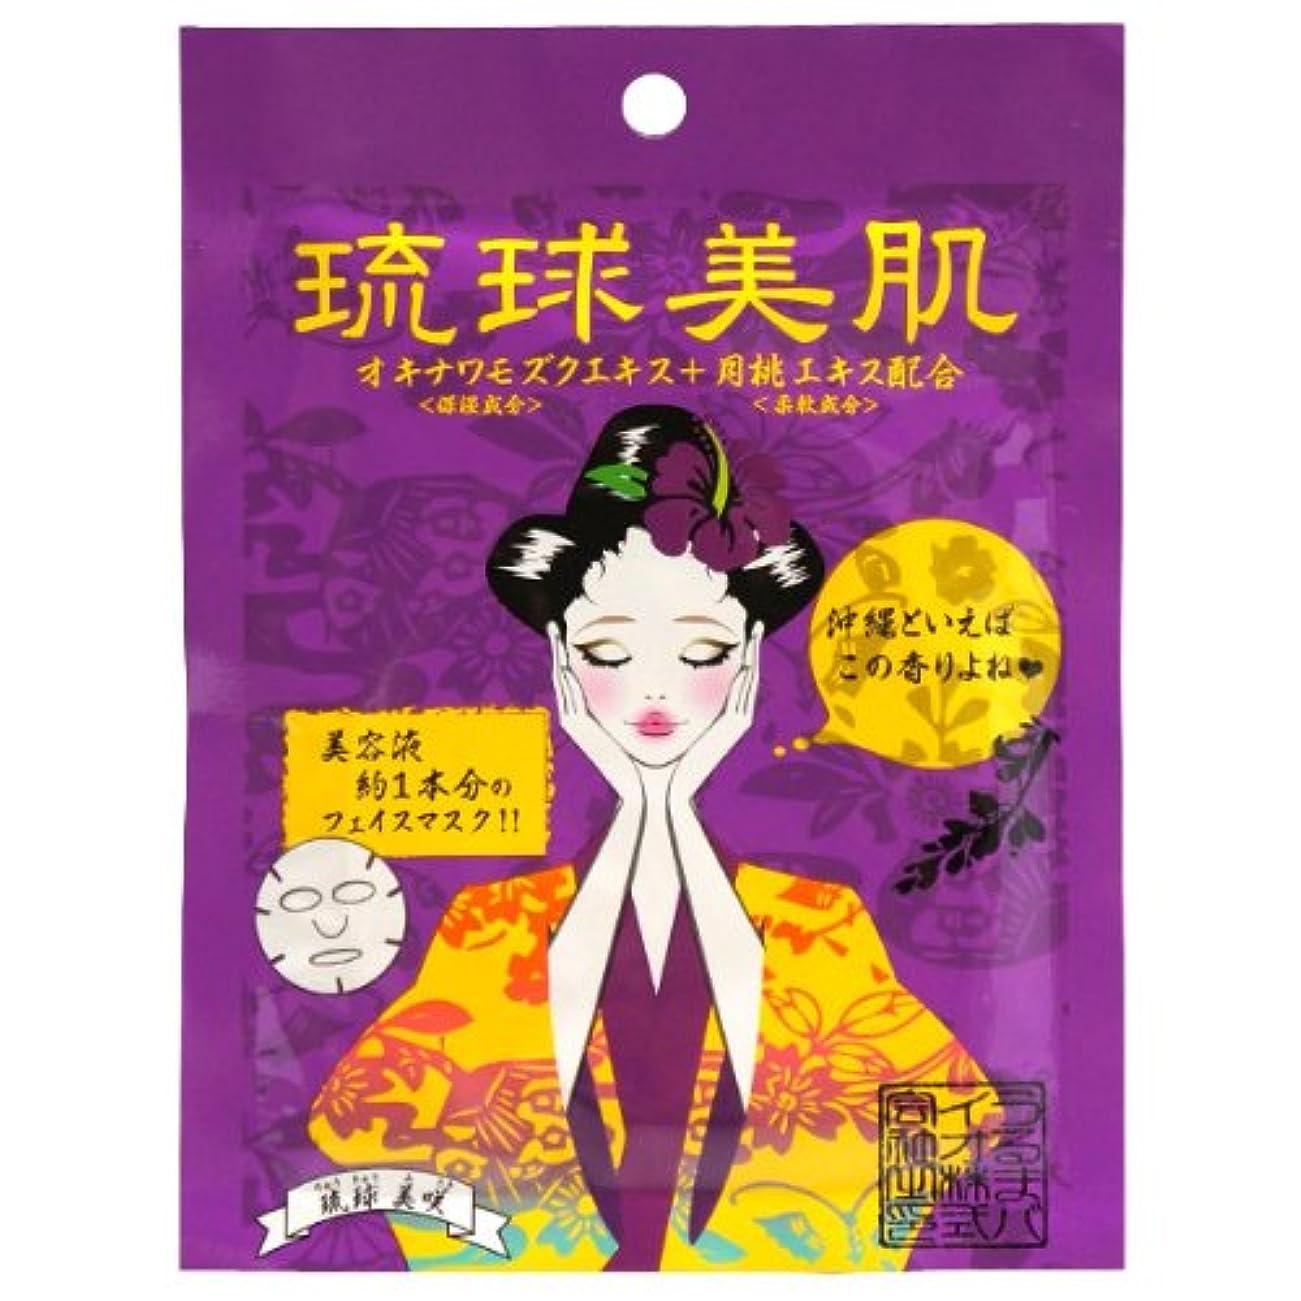 リース性的アルネ琉球美肌 月桃の香り